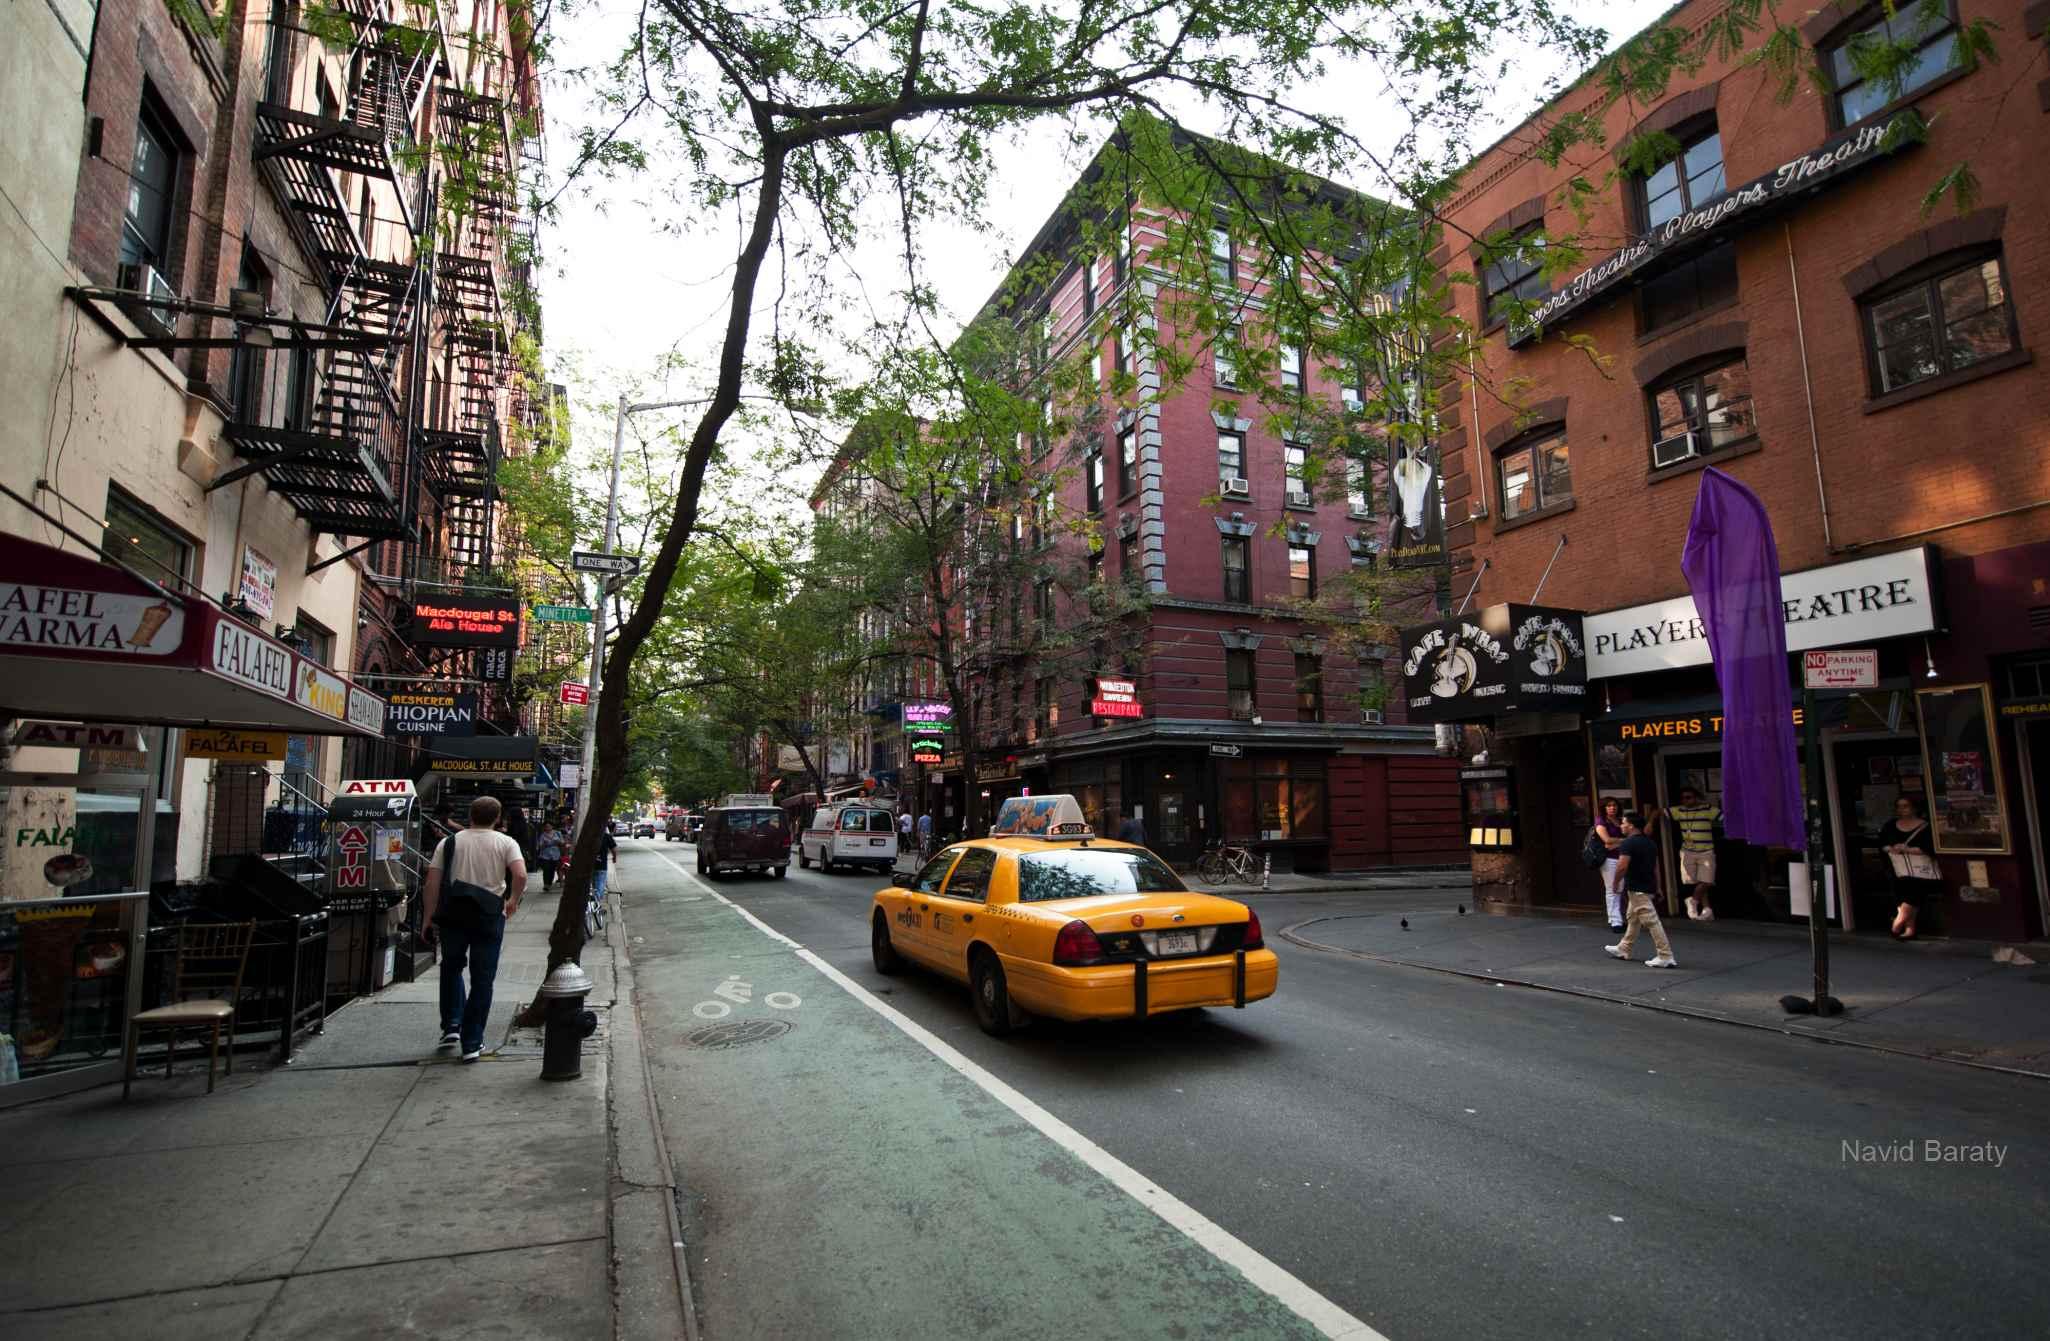 Достопримечательности Нью-Йорка — ТОП20